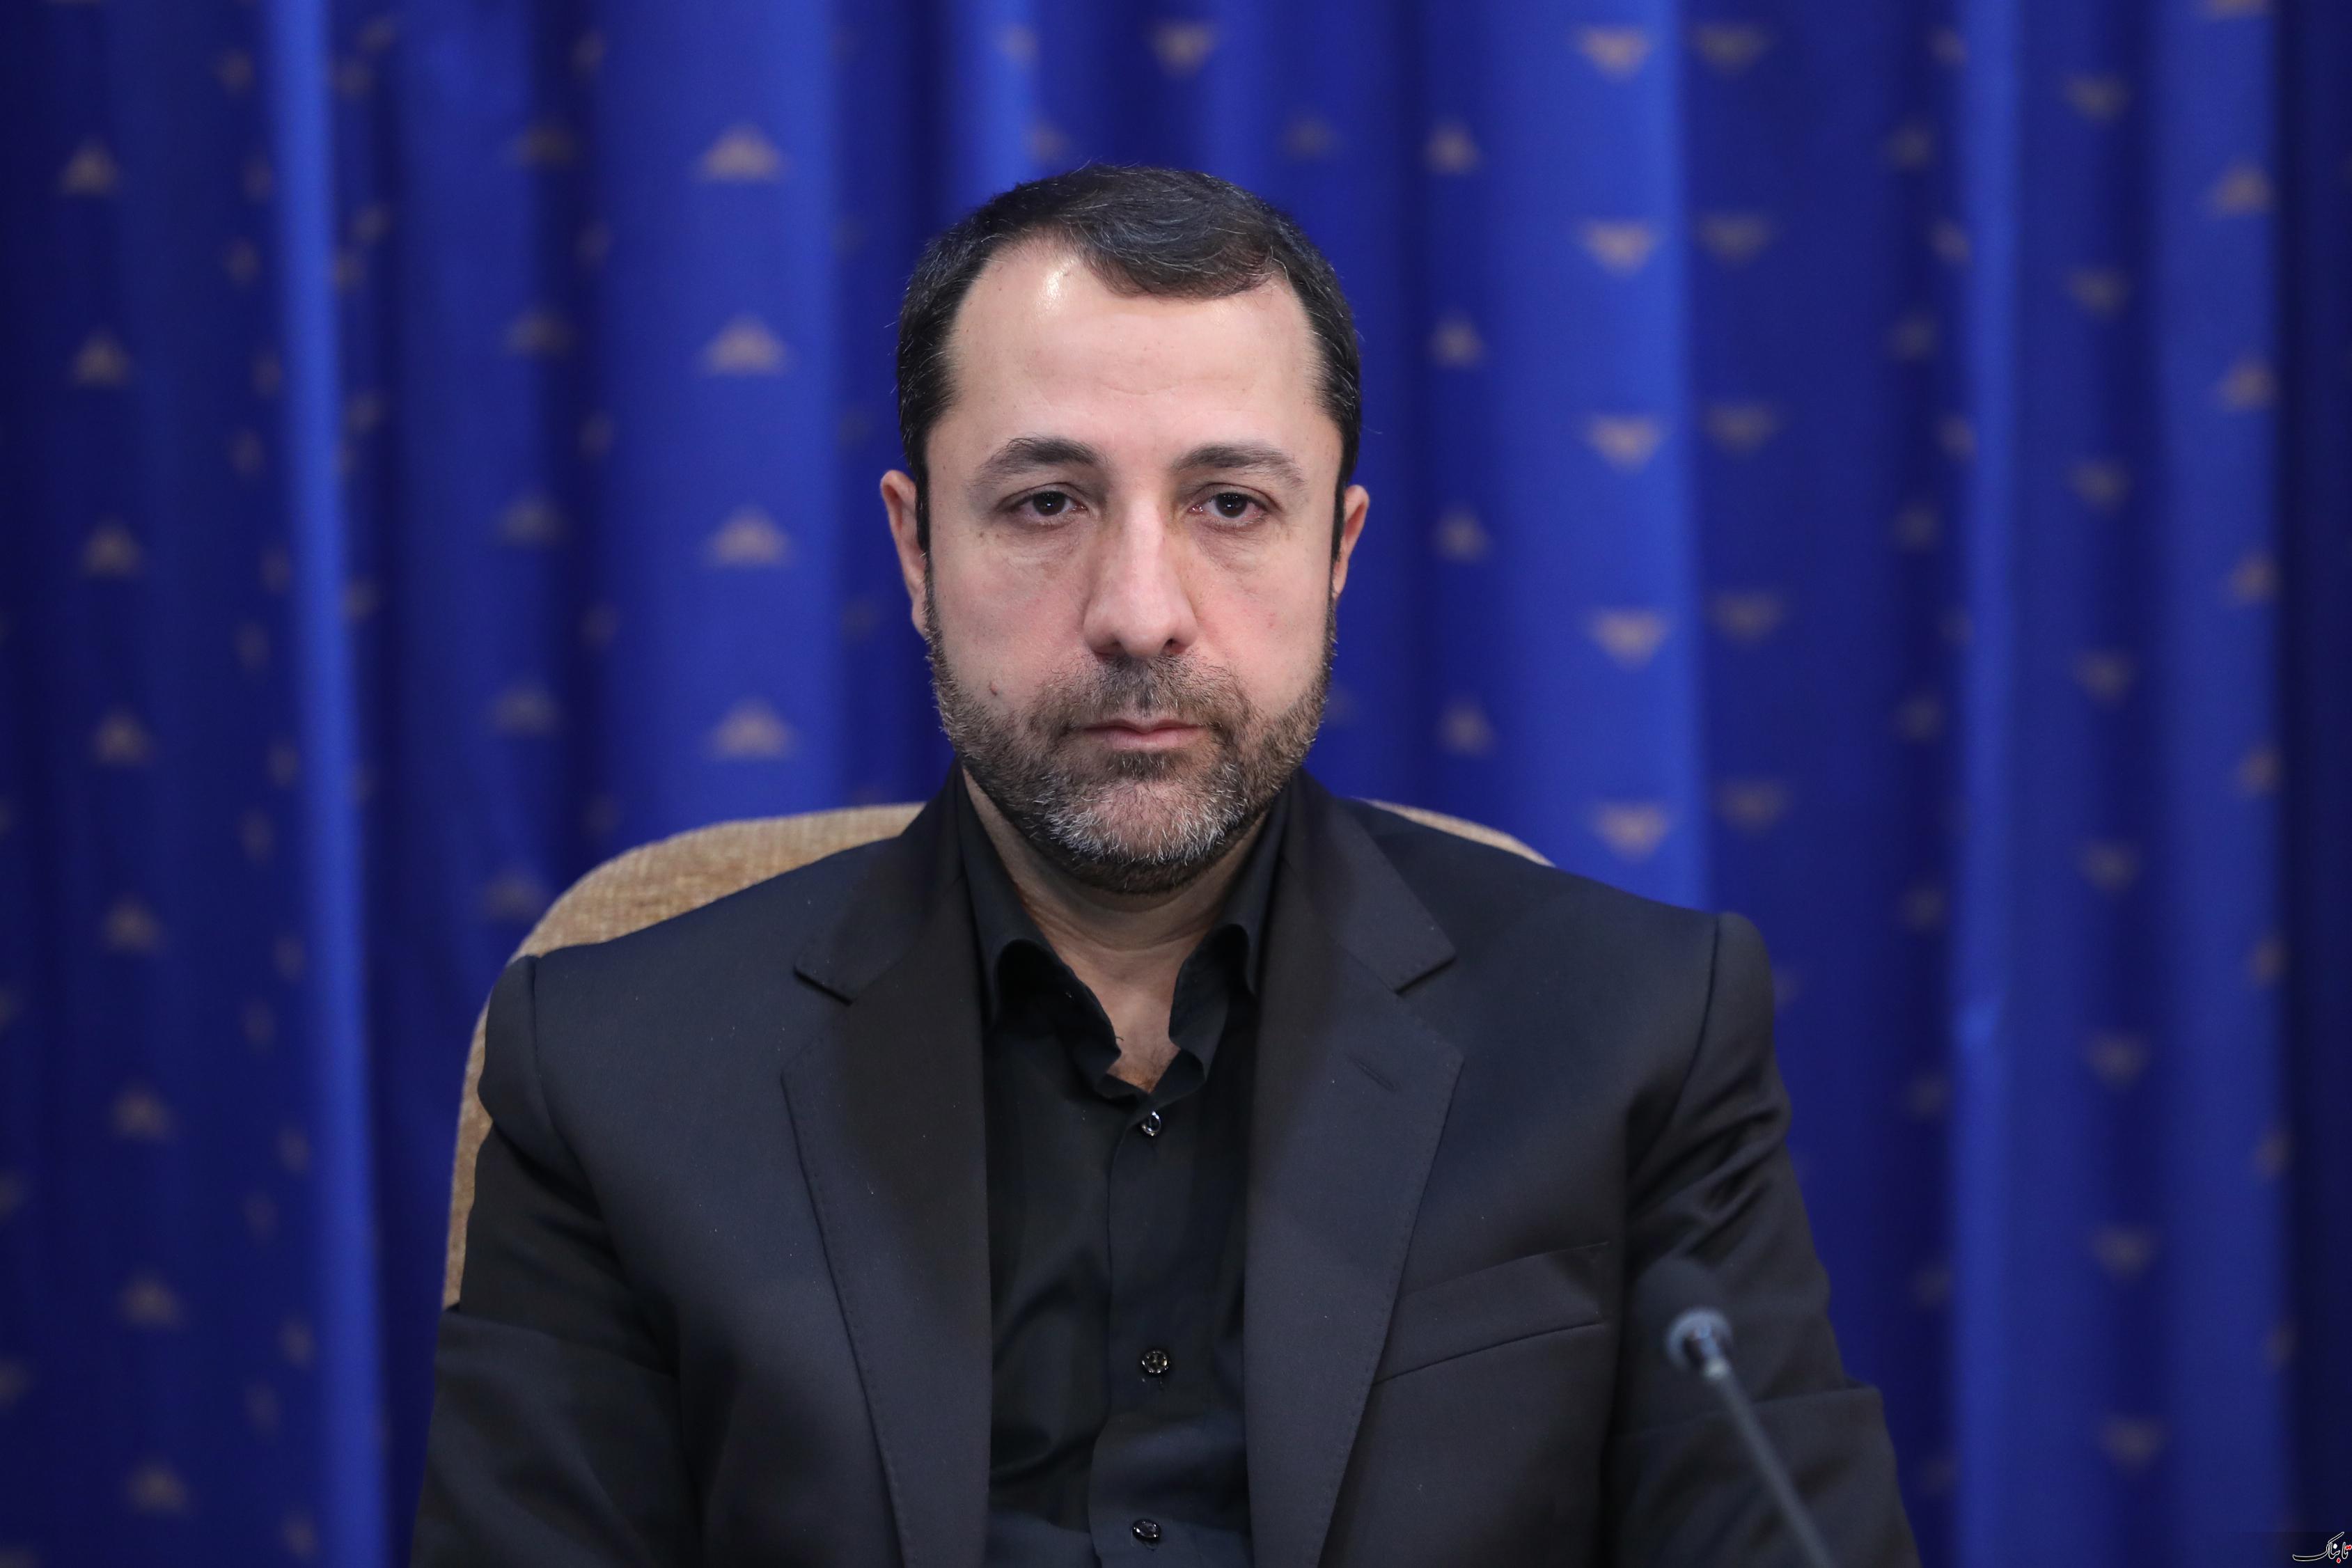 علی صالح آبادی، رئیس کل بانک مرکزی شد